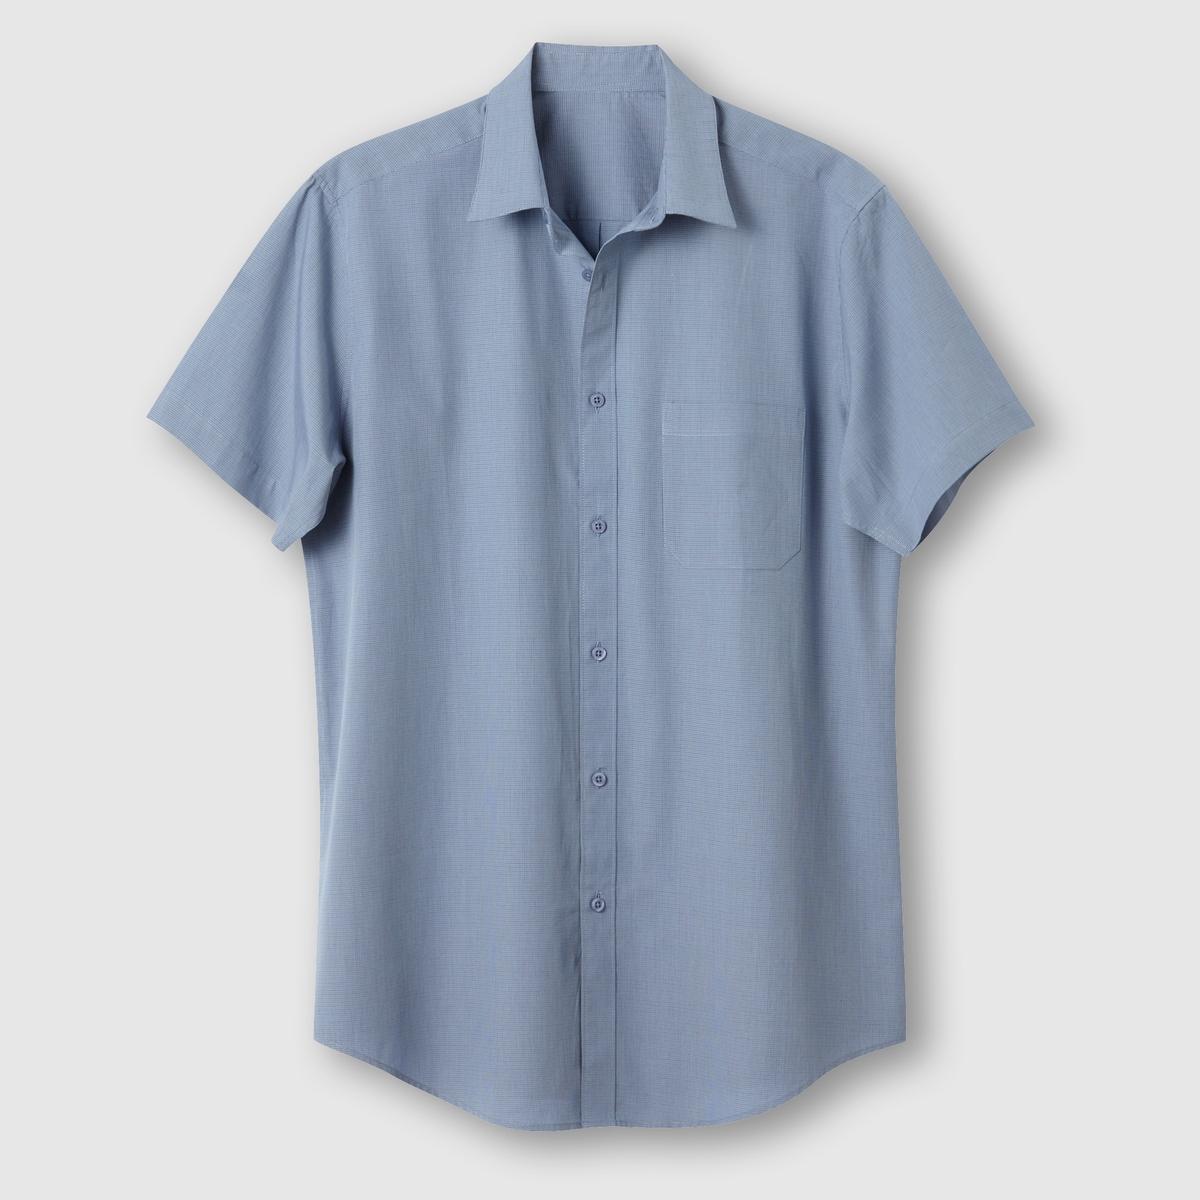 Рубашка с короткими рукавами, рост 3 (свыше 1,87 м)Поплин, 100% хлопок. Рост 3 (при росте свыше 1,87 м) : длина рубашки 87 см, длина рукава 24 см.<br><br>Цвет: в клетку серый/синий,в полоску бордовый/белый<br>Размер: 51/52